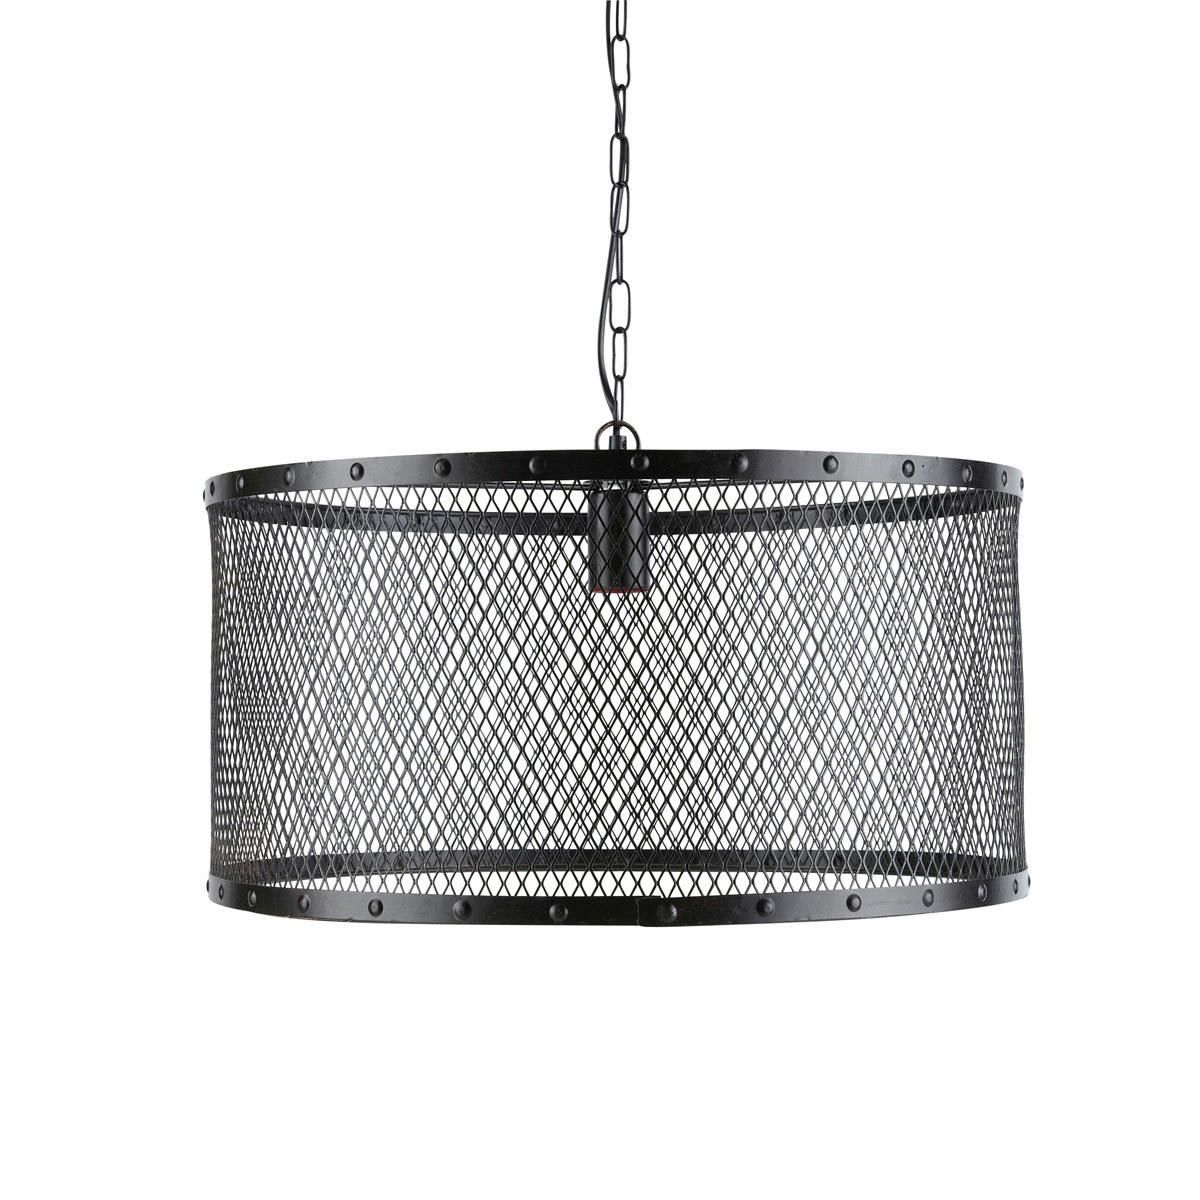 Suspension indus en métal grillagé noire D 55 cm | luminaires ...